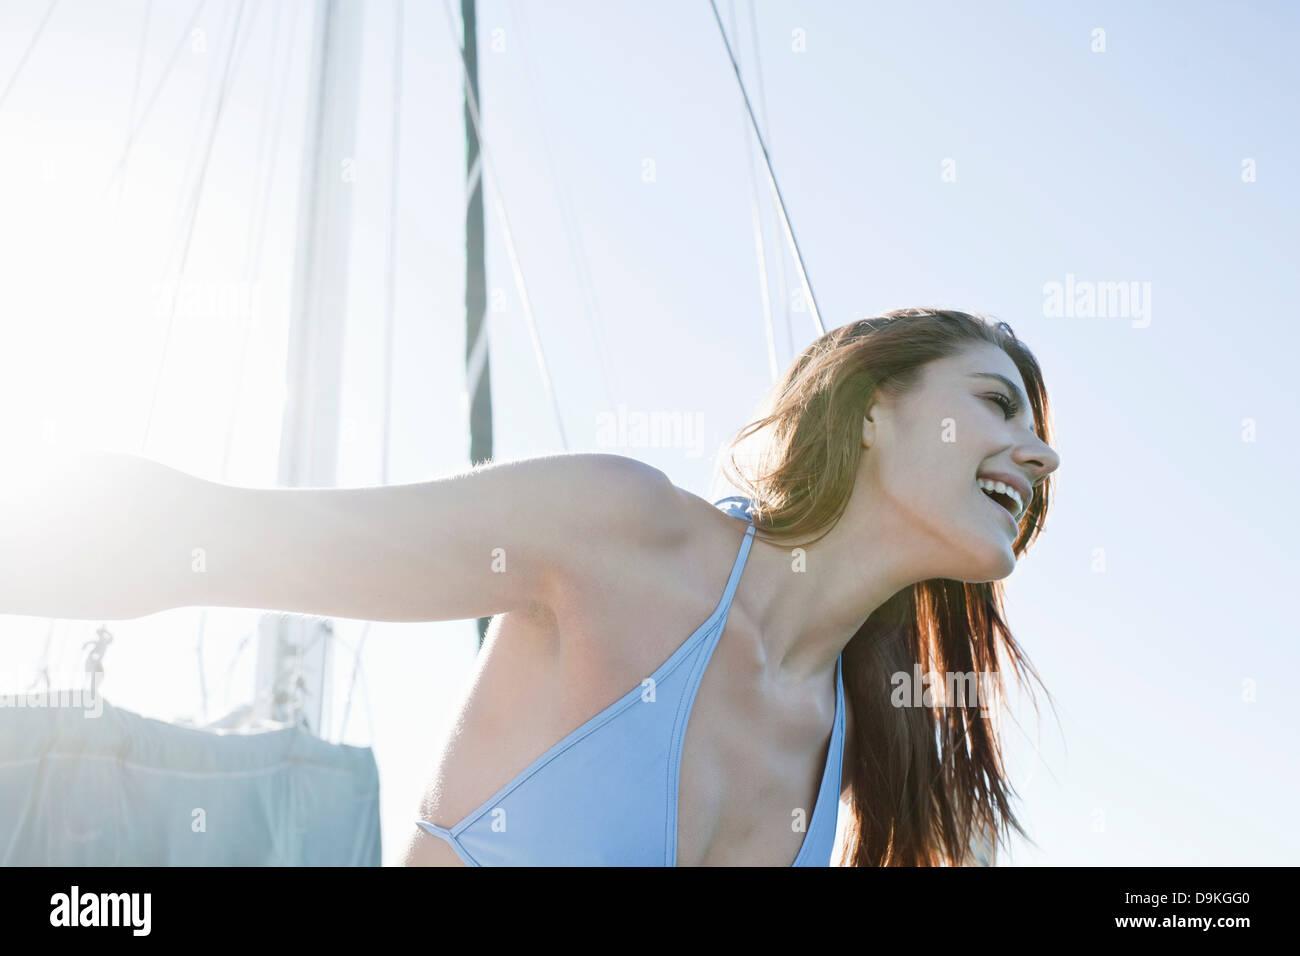 Junge Brünette Frau auf Yacht, lachen Stockbild